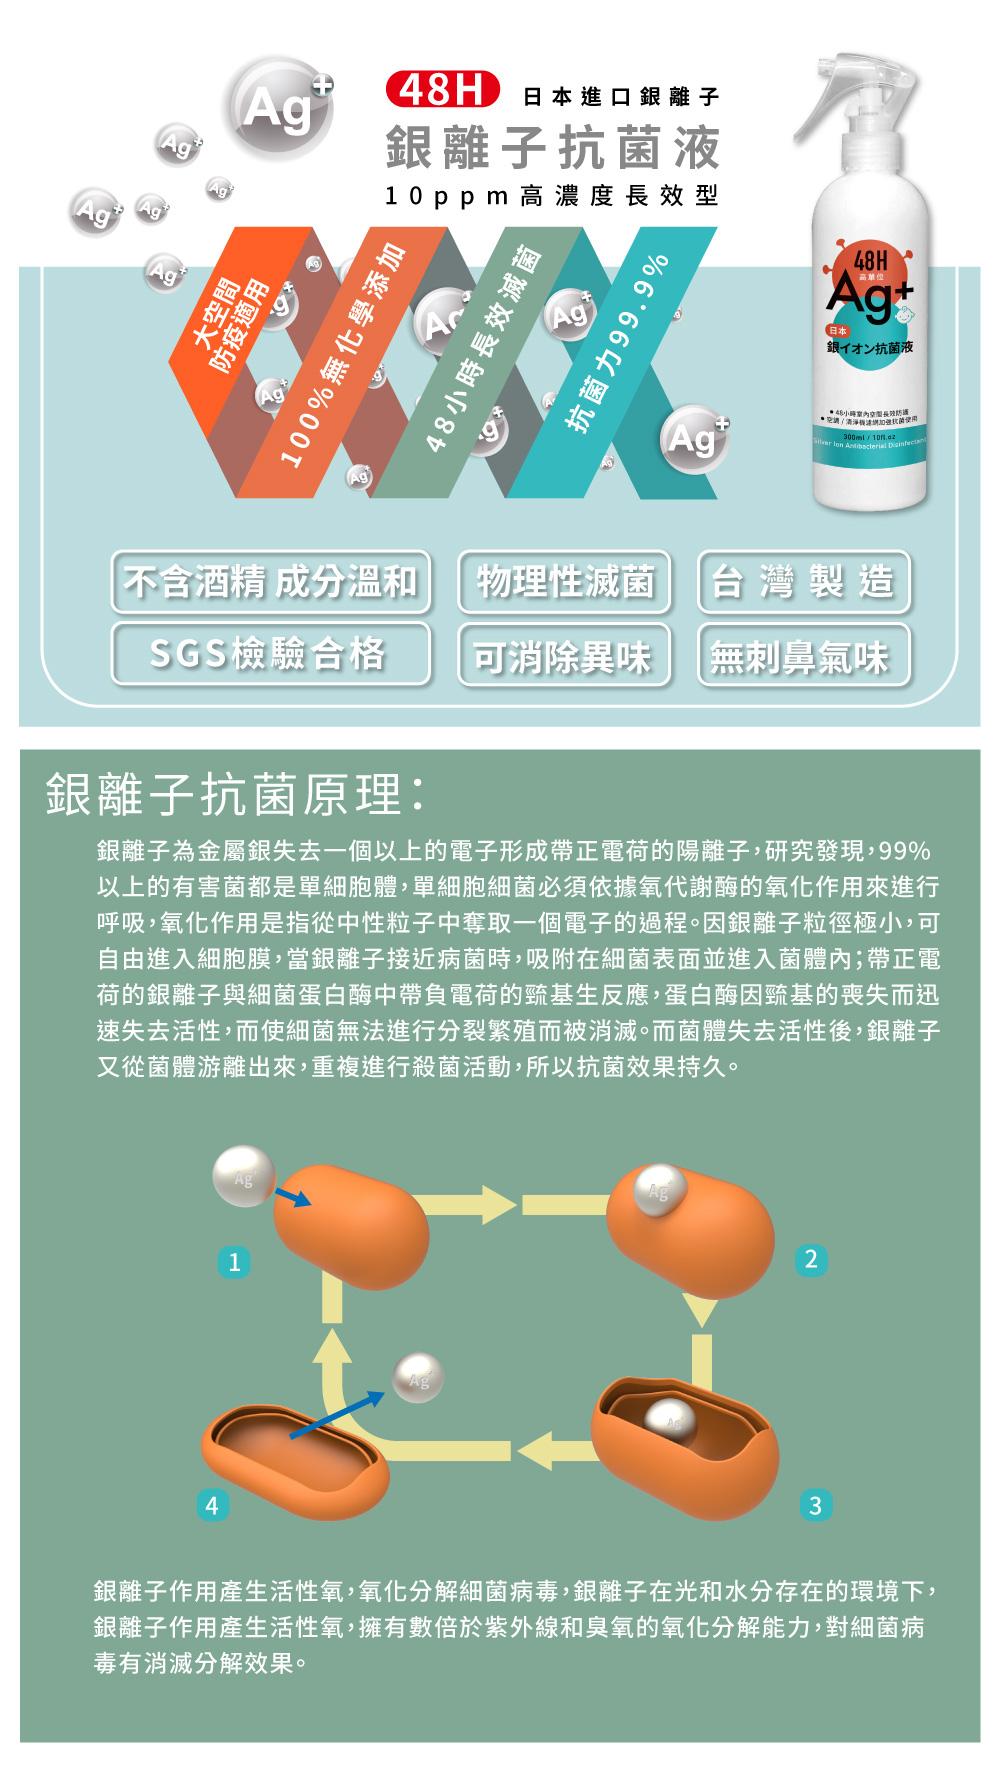 有個48h銀離子抗菌液瓶,說明不含酒精,台灣製造,SGS檢驗合格,物理抗菌原理